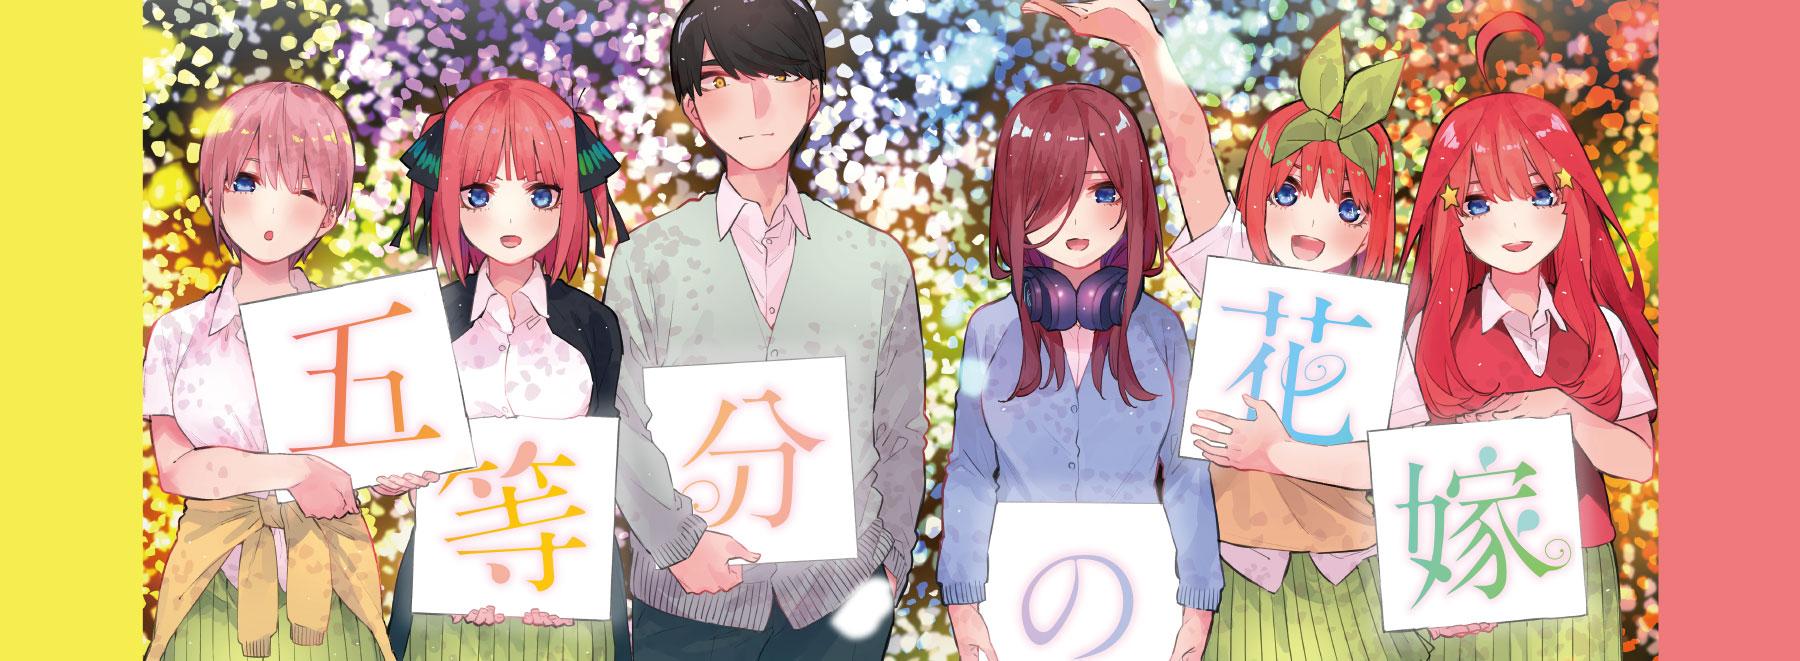 『五等分の花嫁』を徹底解説! │ 週刊少年マガジン公式